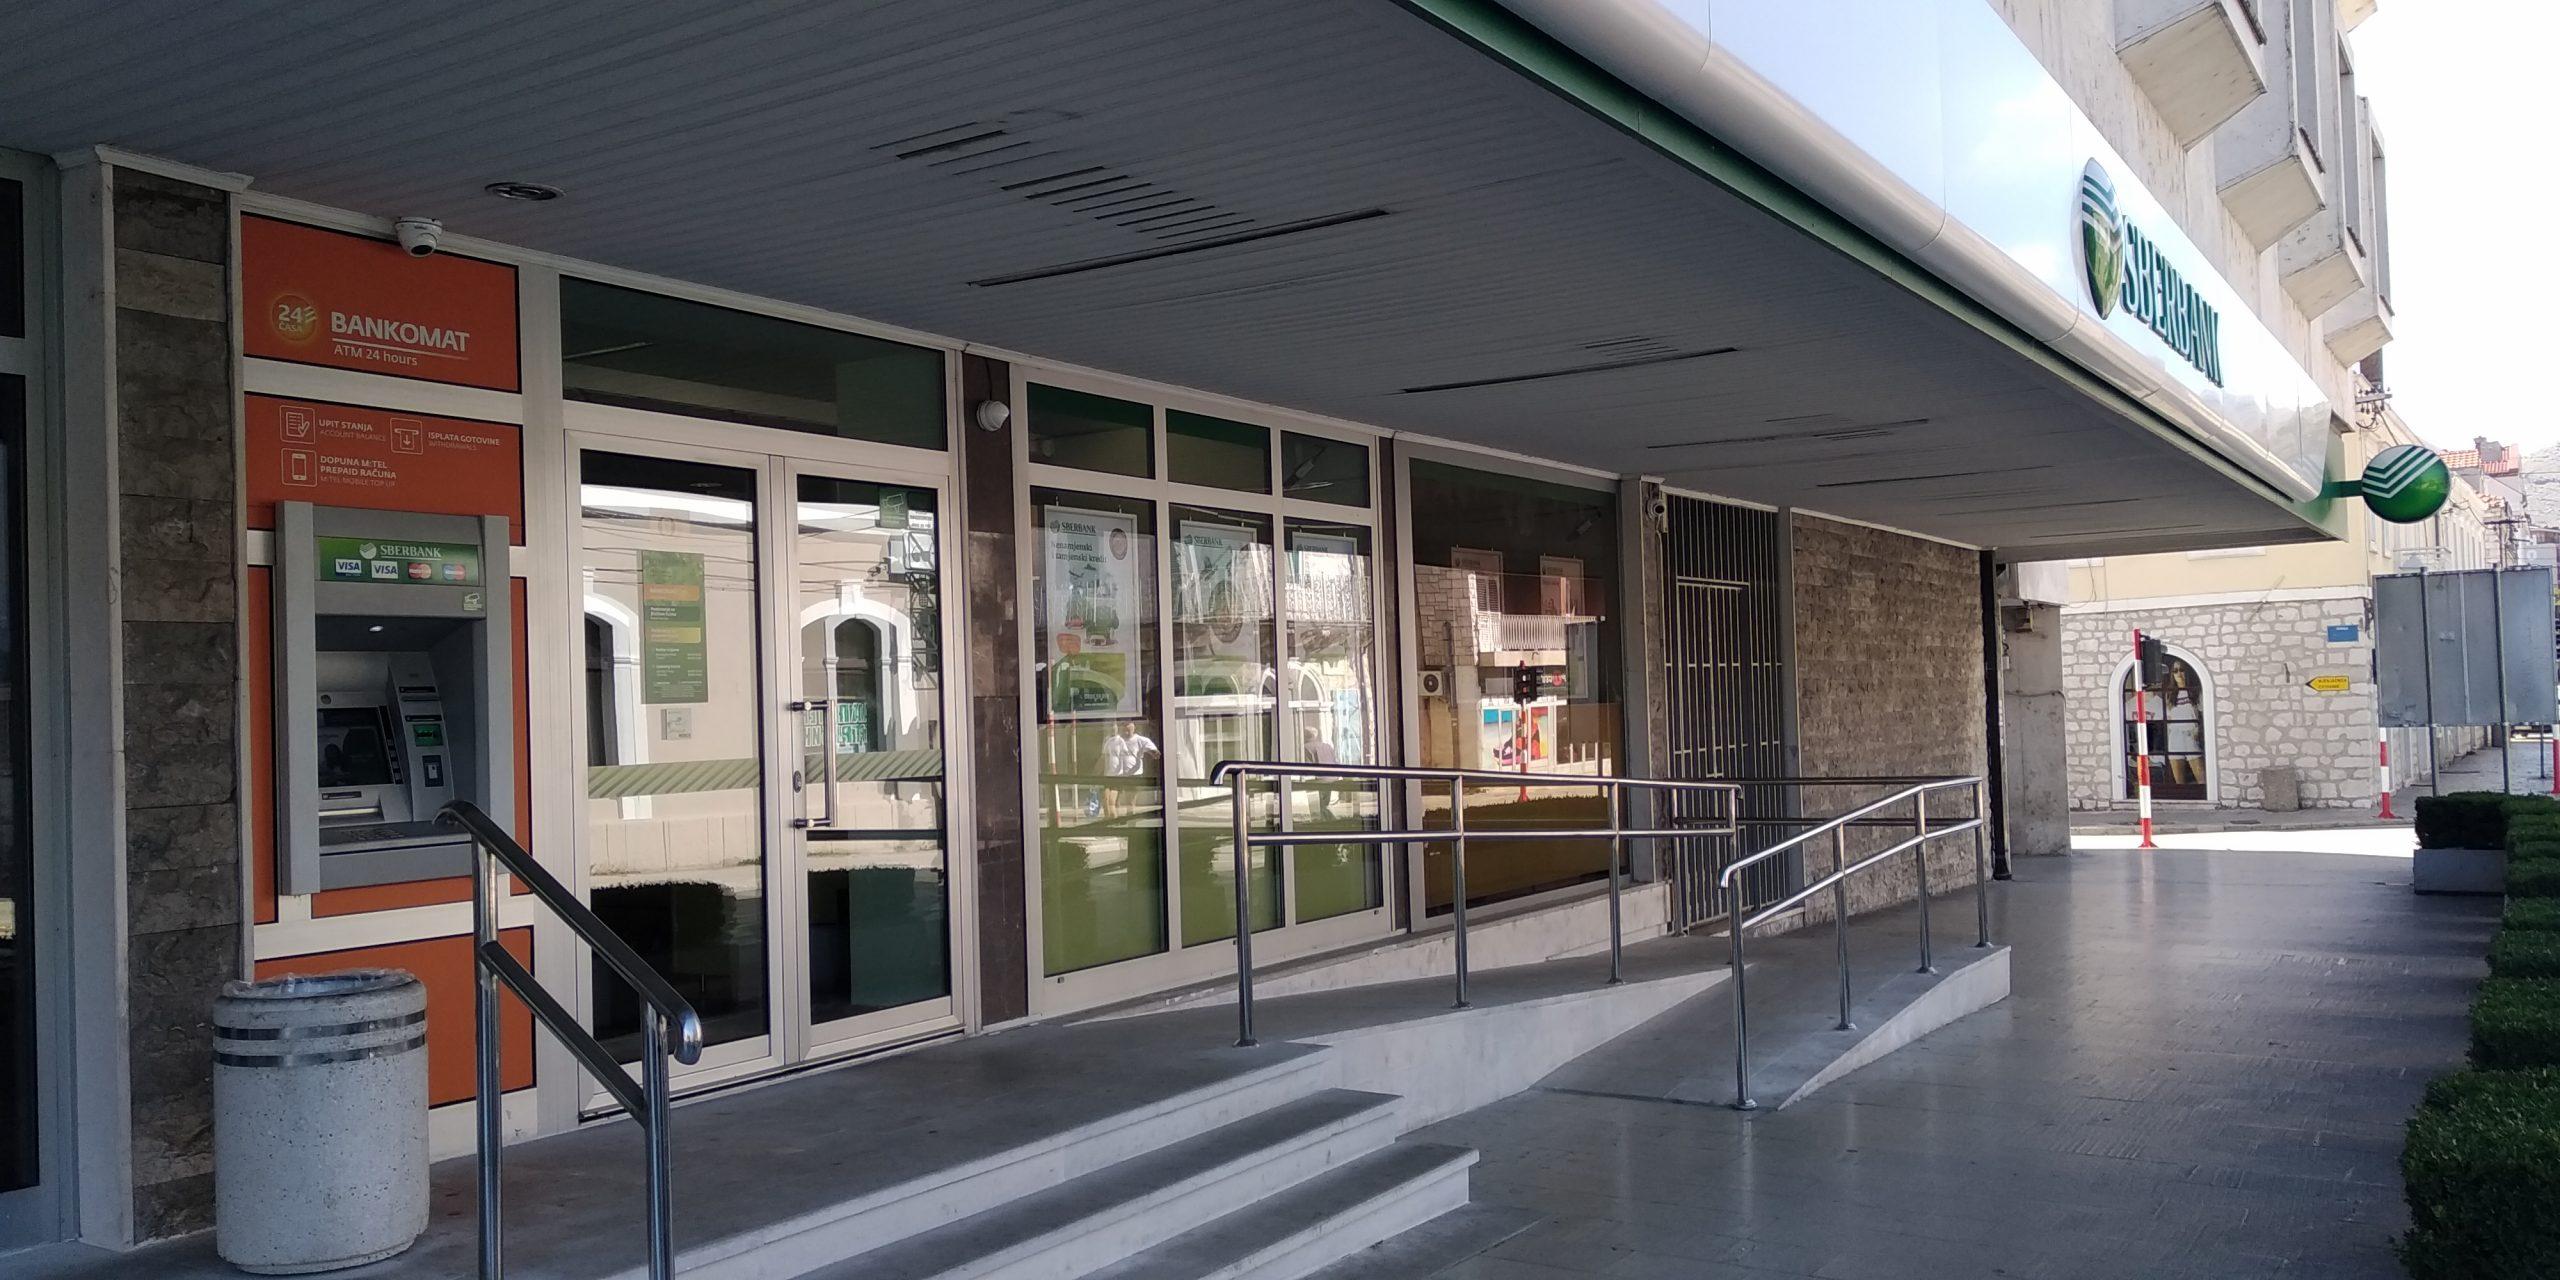 Poslovnica Sberbank-e u Trebinju neometano i bezbjedno nastavlja sa radom